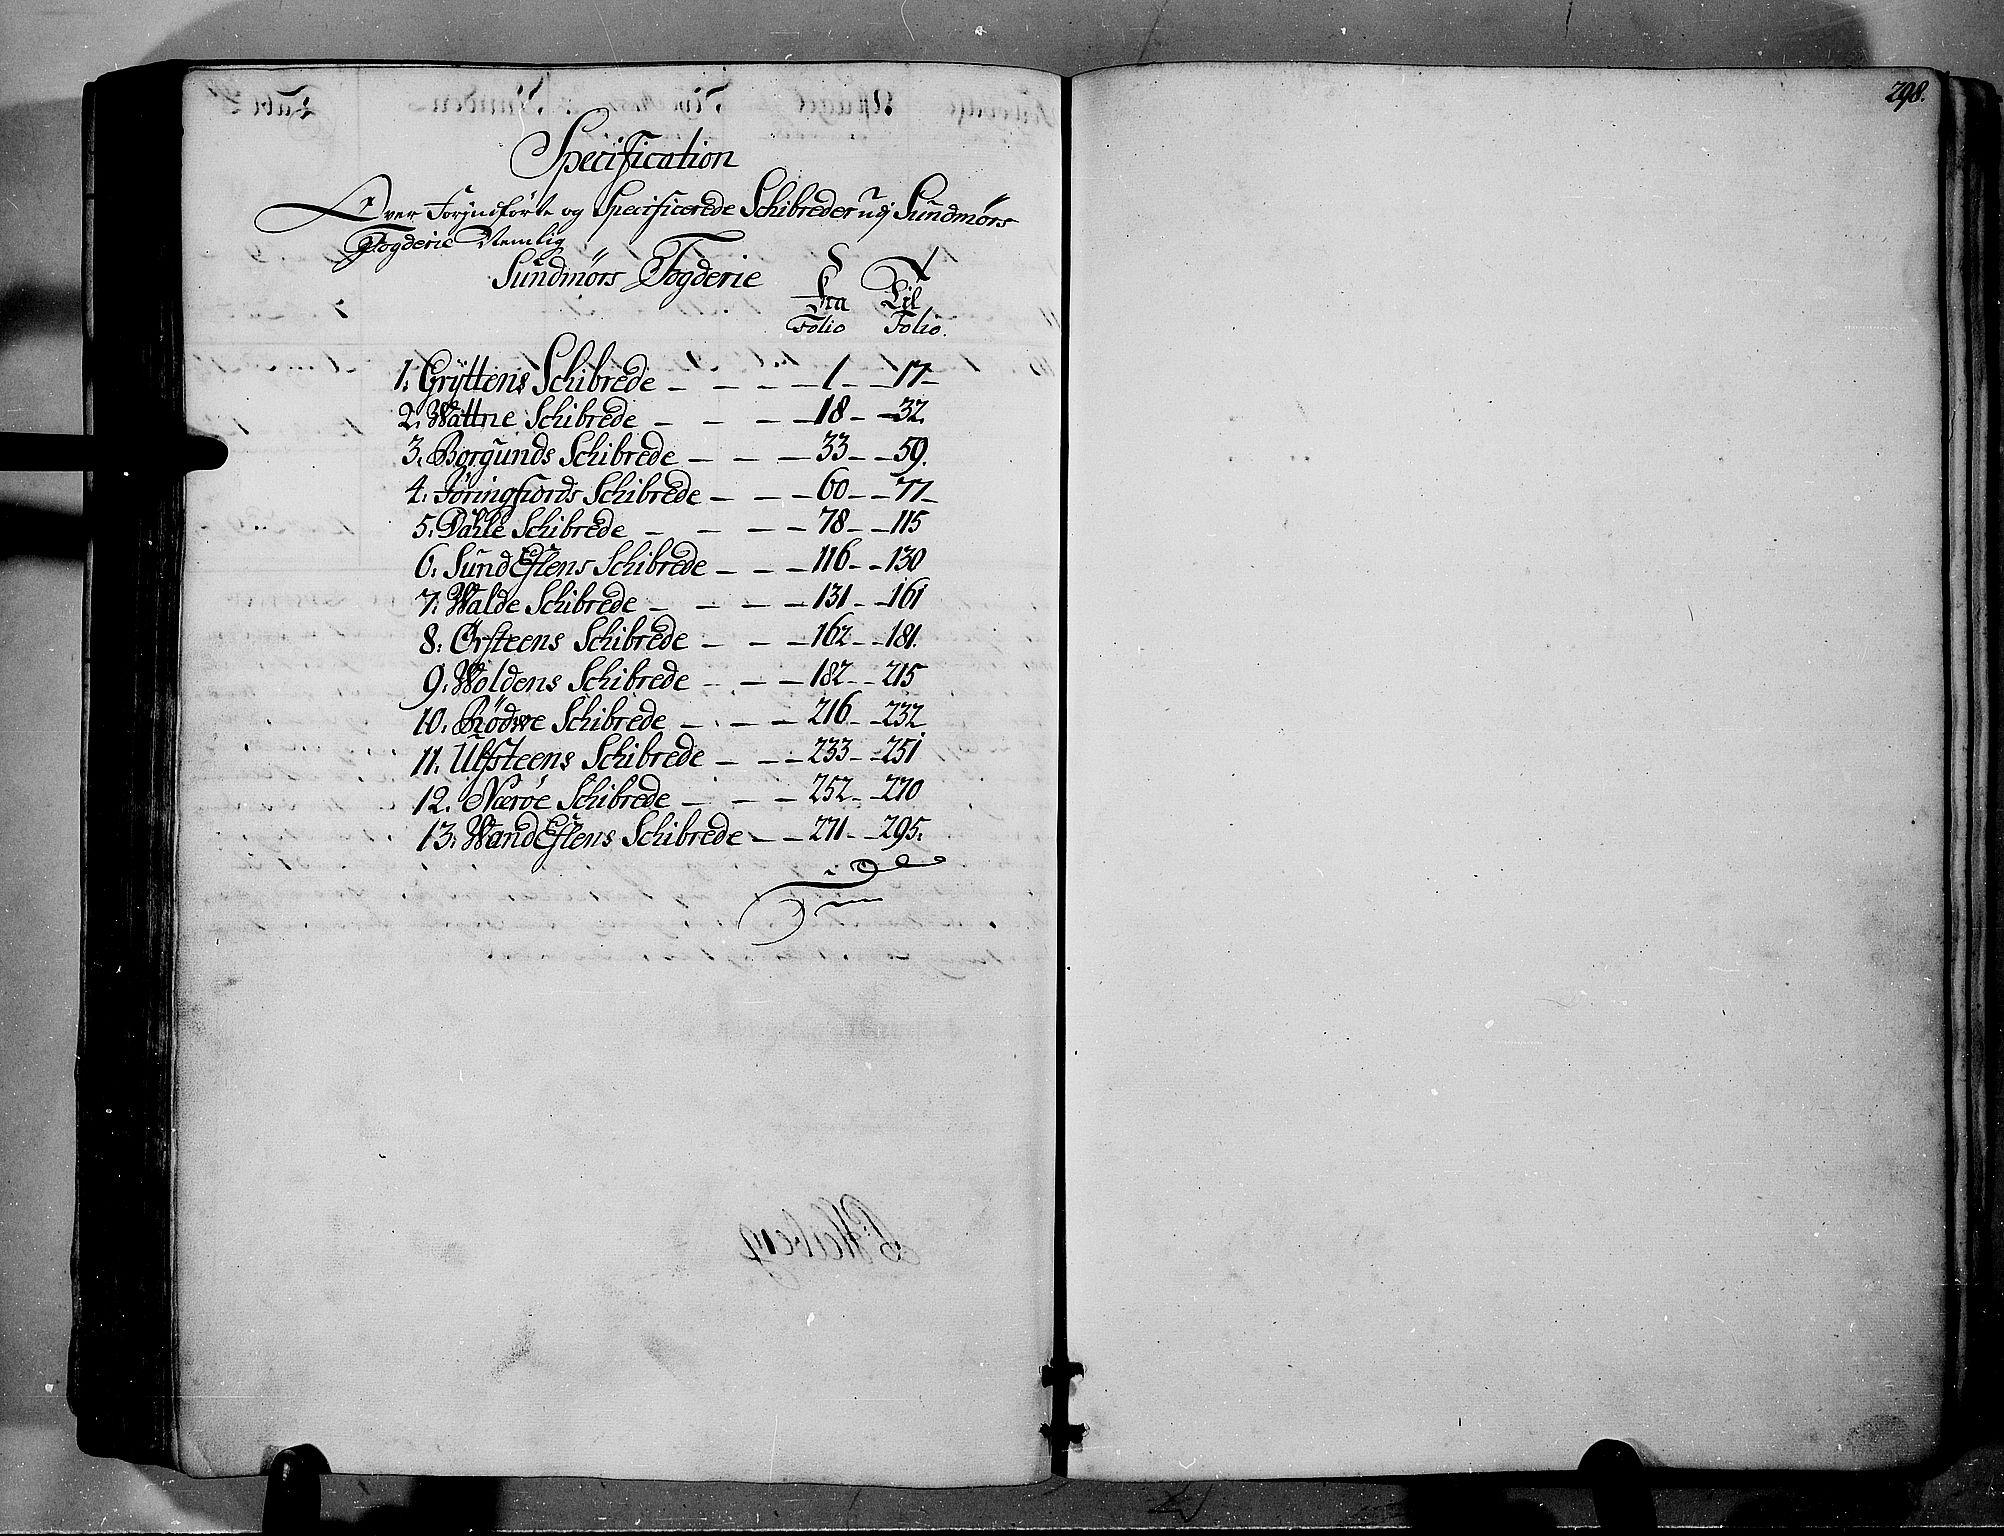 RA, Rentekammeret inntil 1814, Realistisk ordnet avdeling, N/Nb/Nbf/L0150: Sunnmøre eksaminasjonsprotokoll, 1724, s. 297b-298a